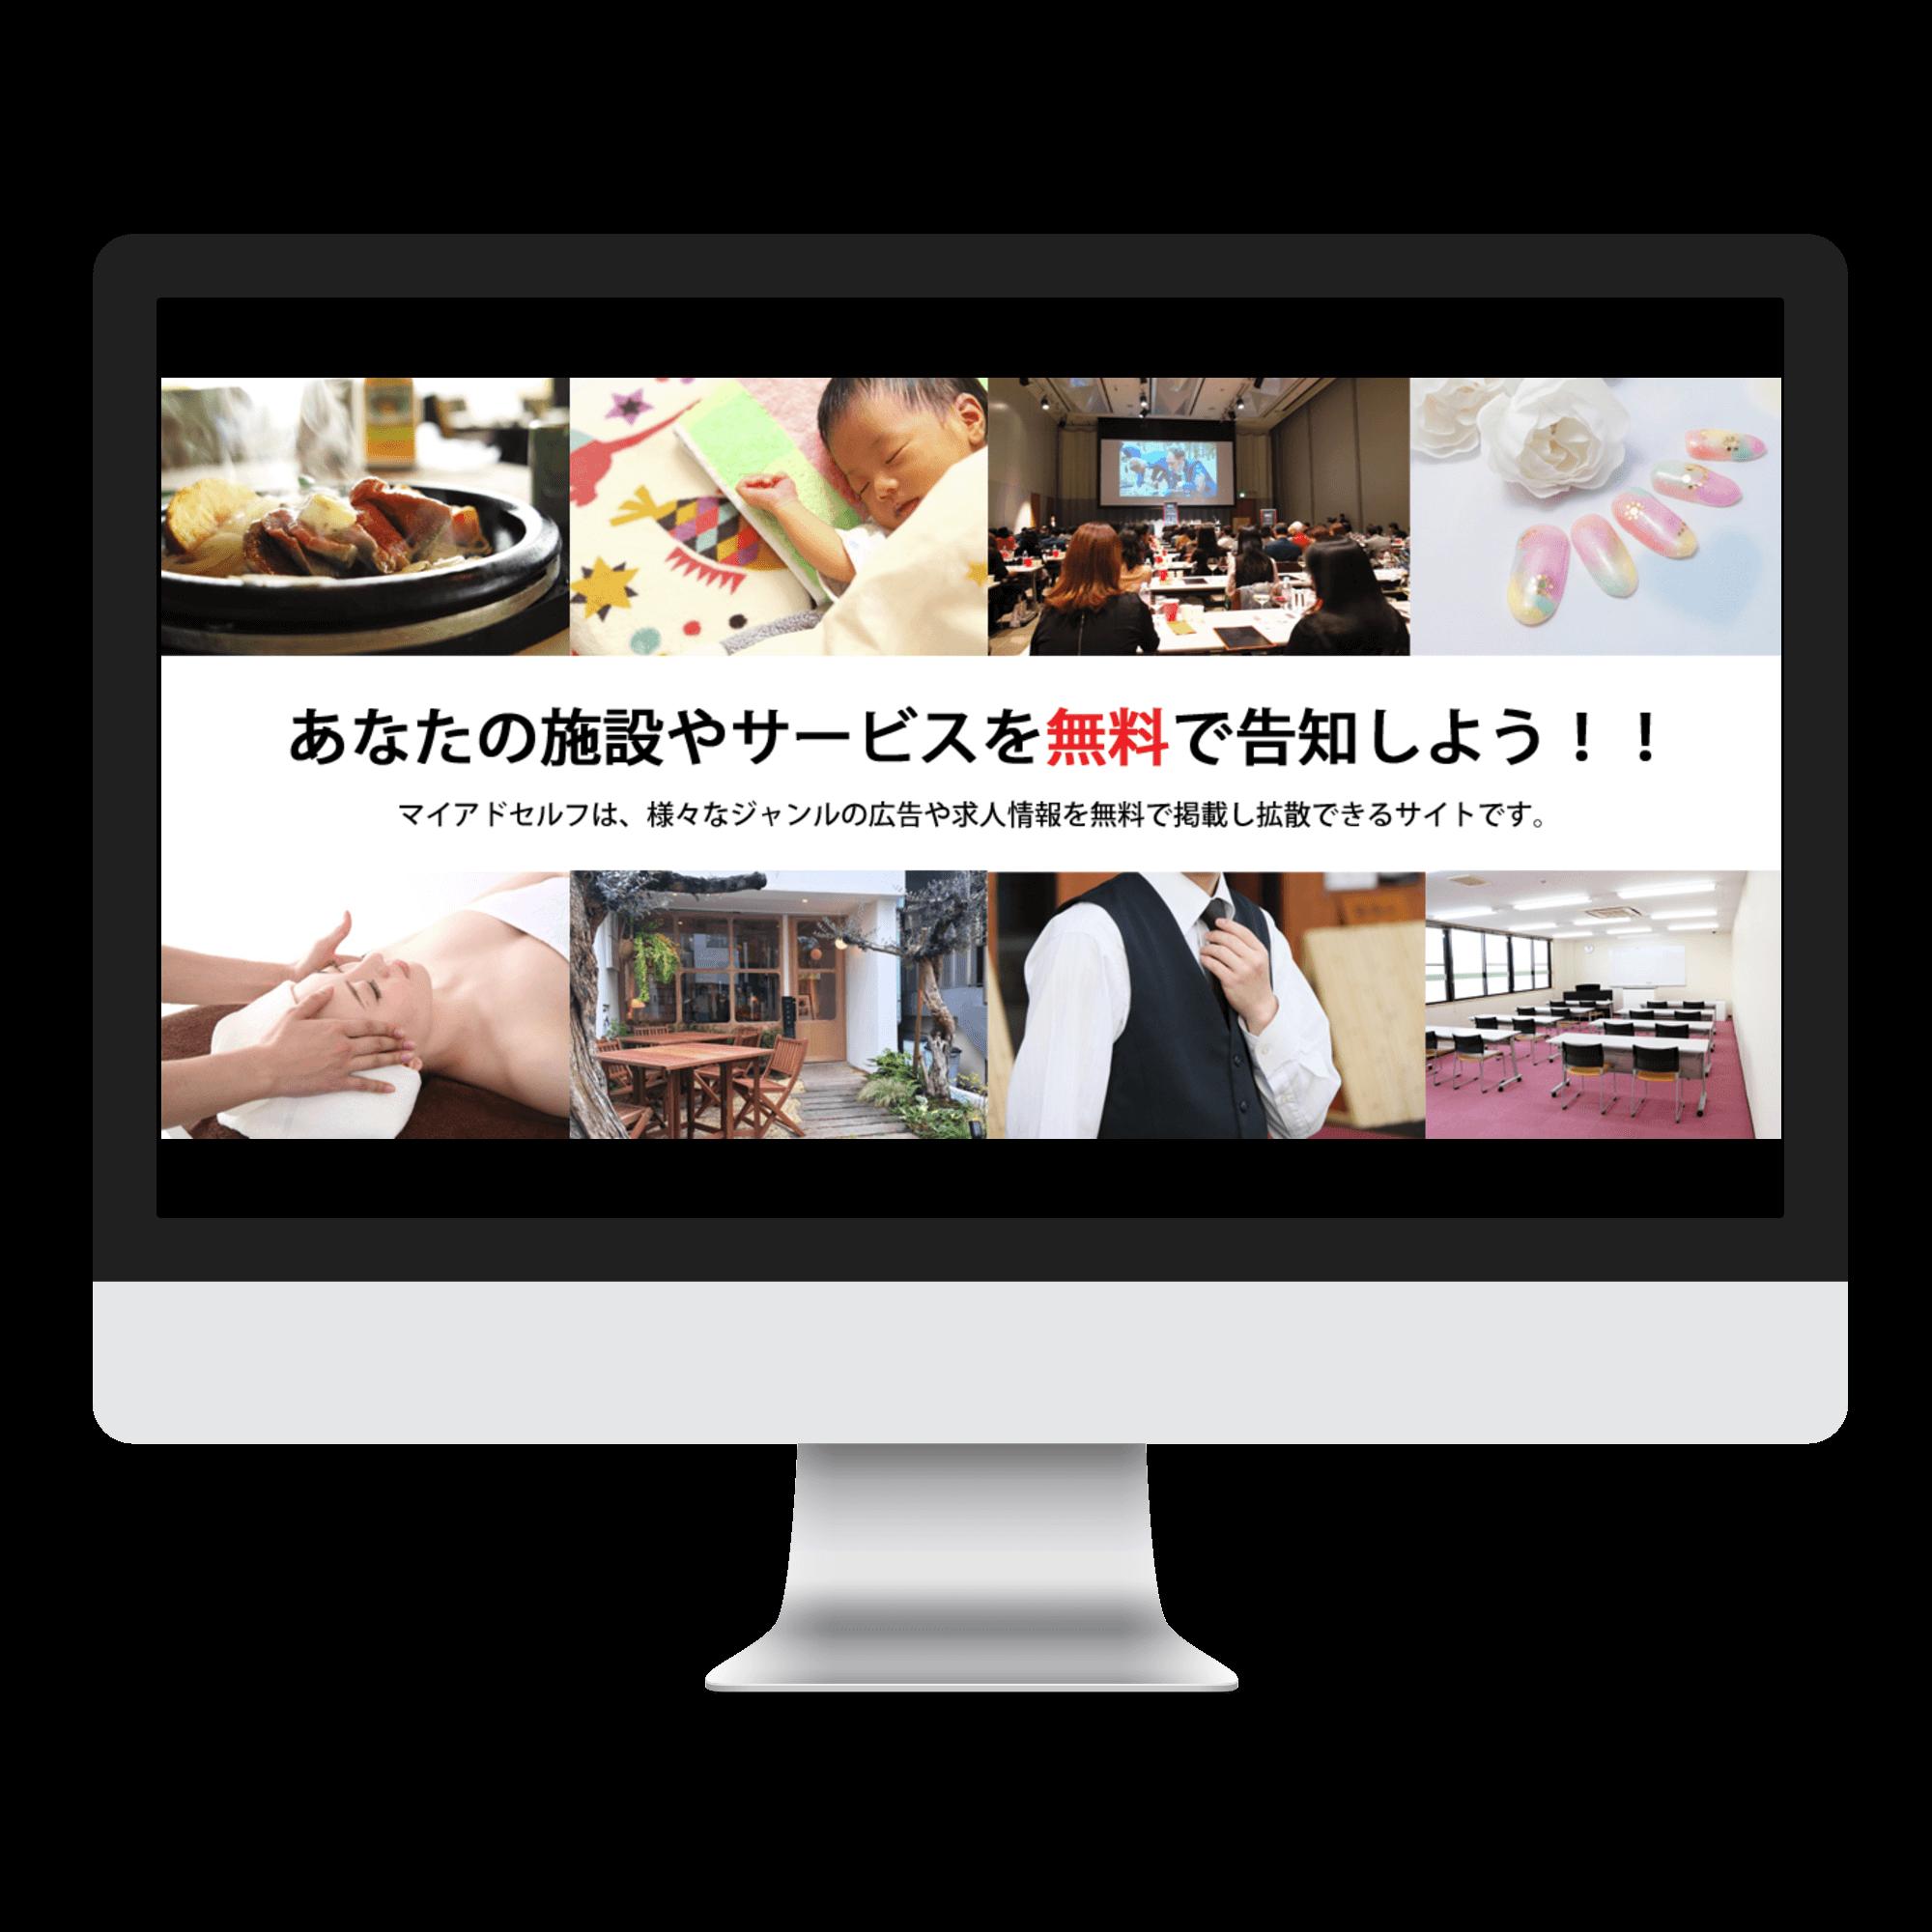 繝舌リ繝シ竭。1170テ・50 (3)_imac2013_front